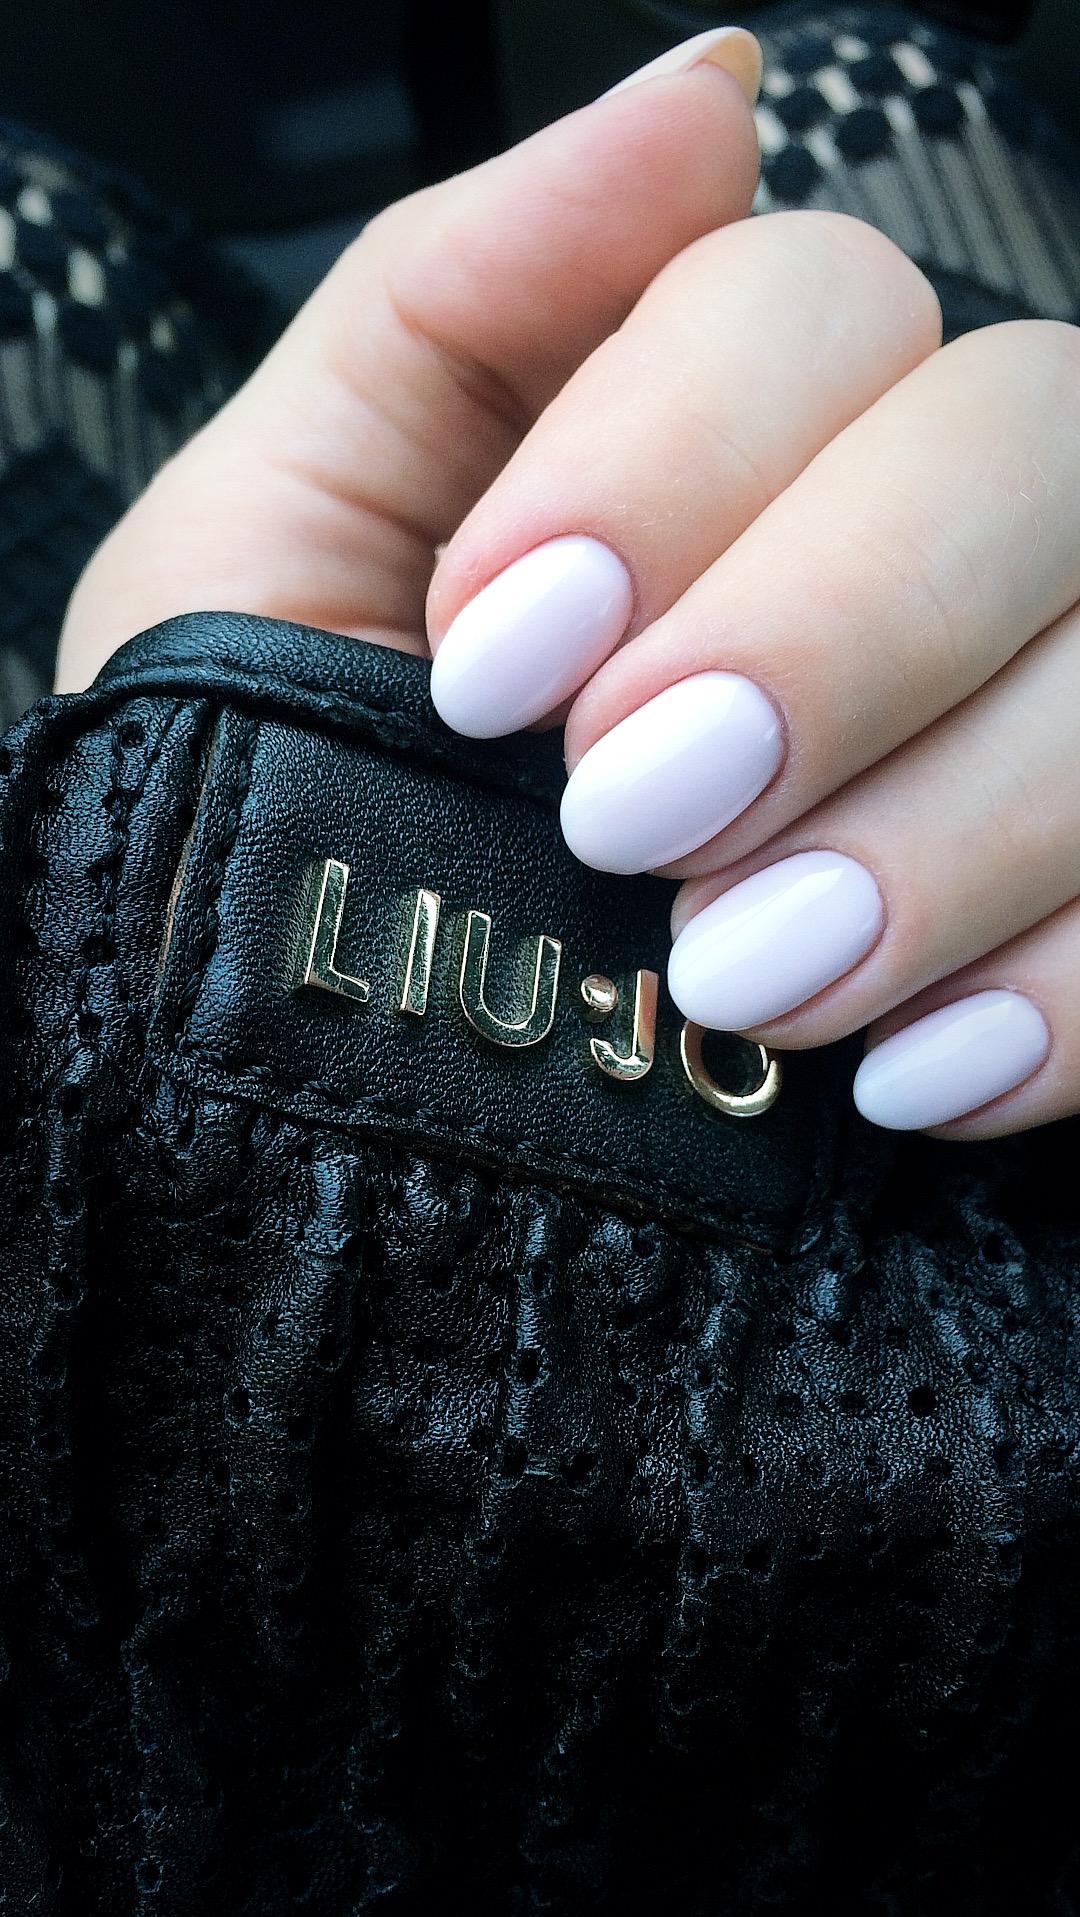 Lifestyle Beauty Manicure Pedicure Hybryda Z Dojazdem Do Domu Warszawa